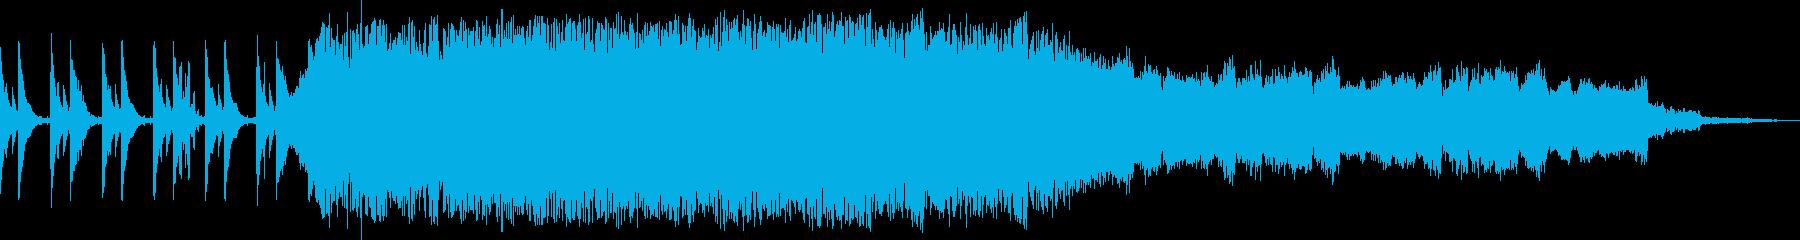 緊張感のあるピアノの再生済みの波形